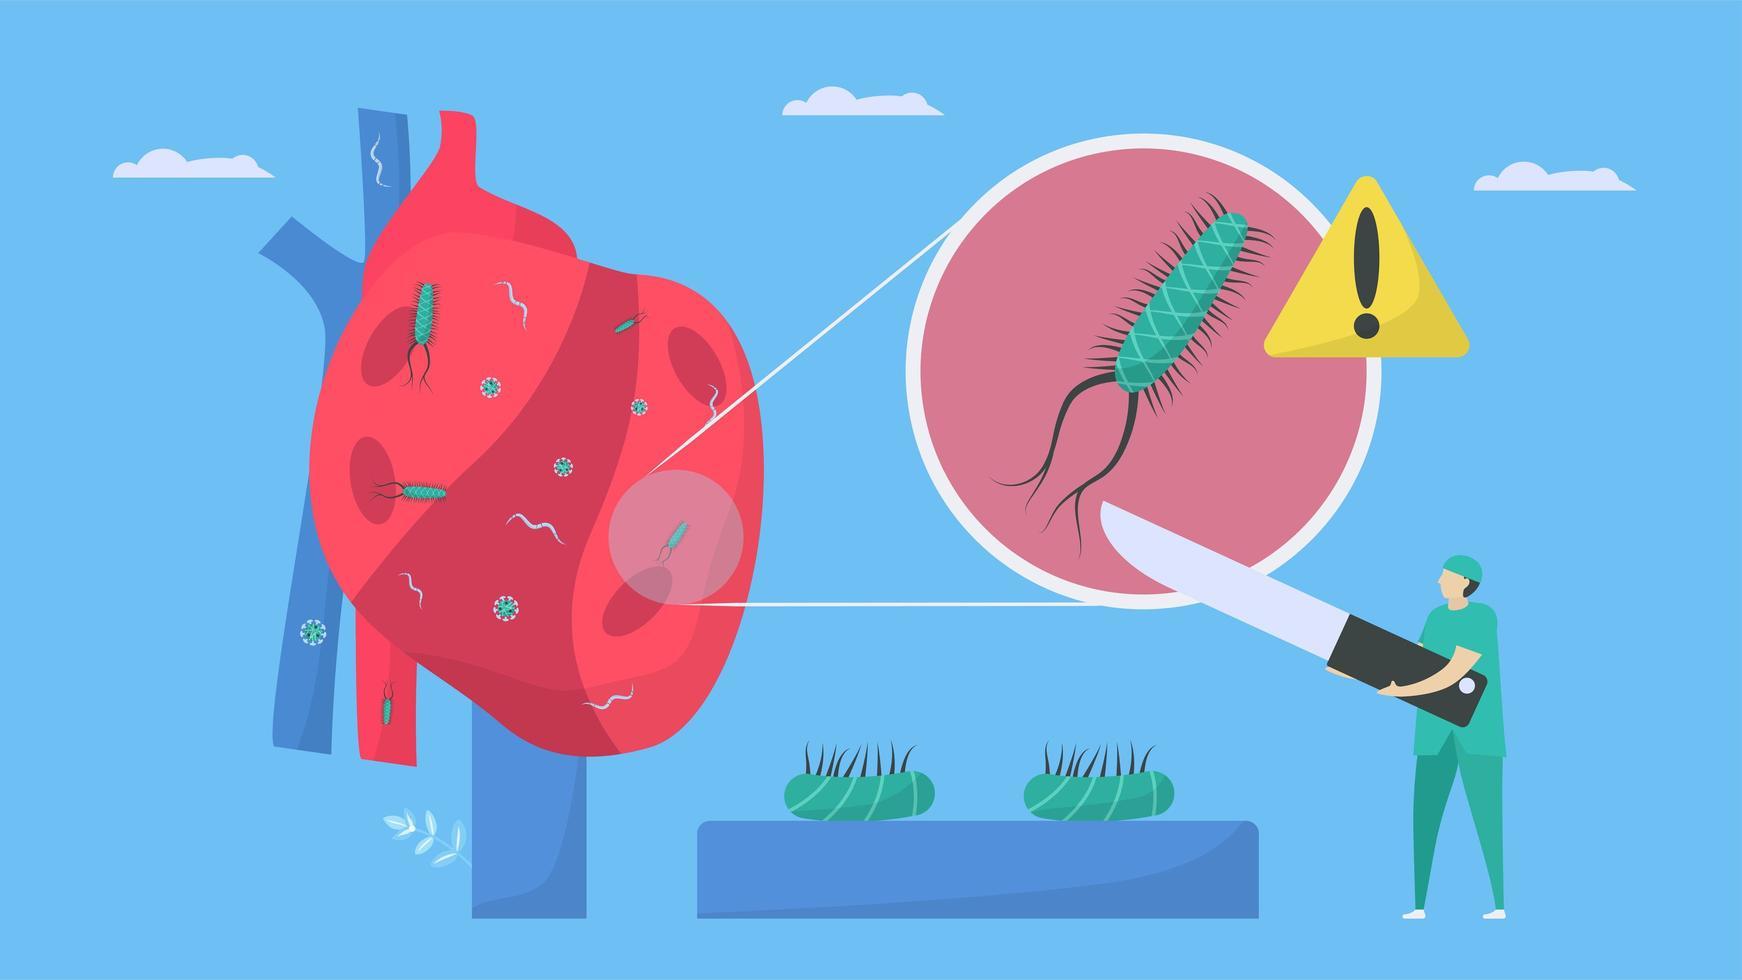 tratamento cardiológico pelo cirurgião. vetor